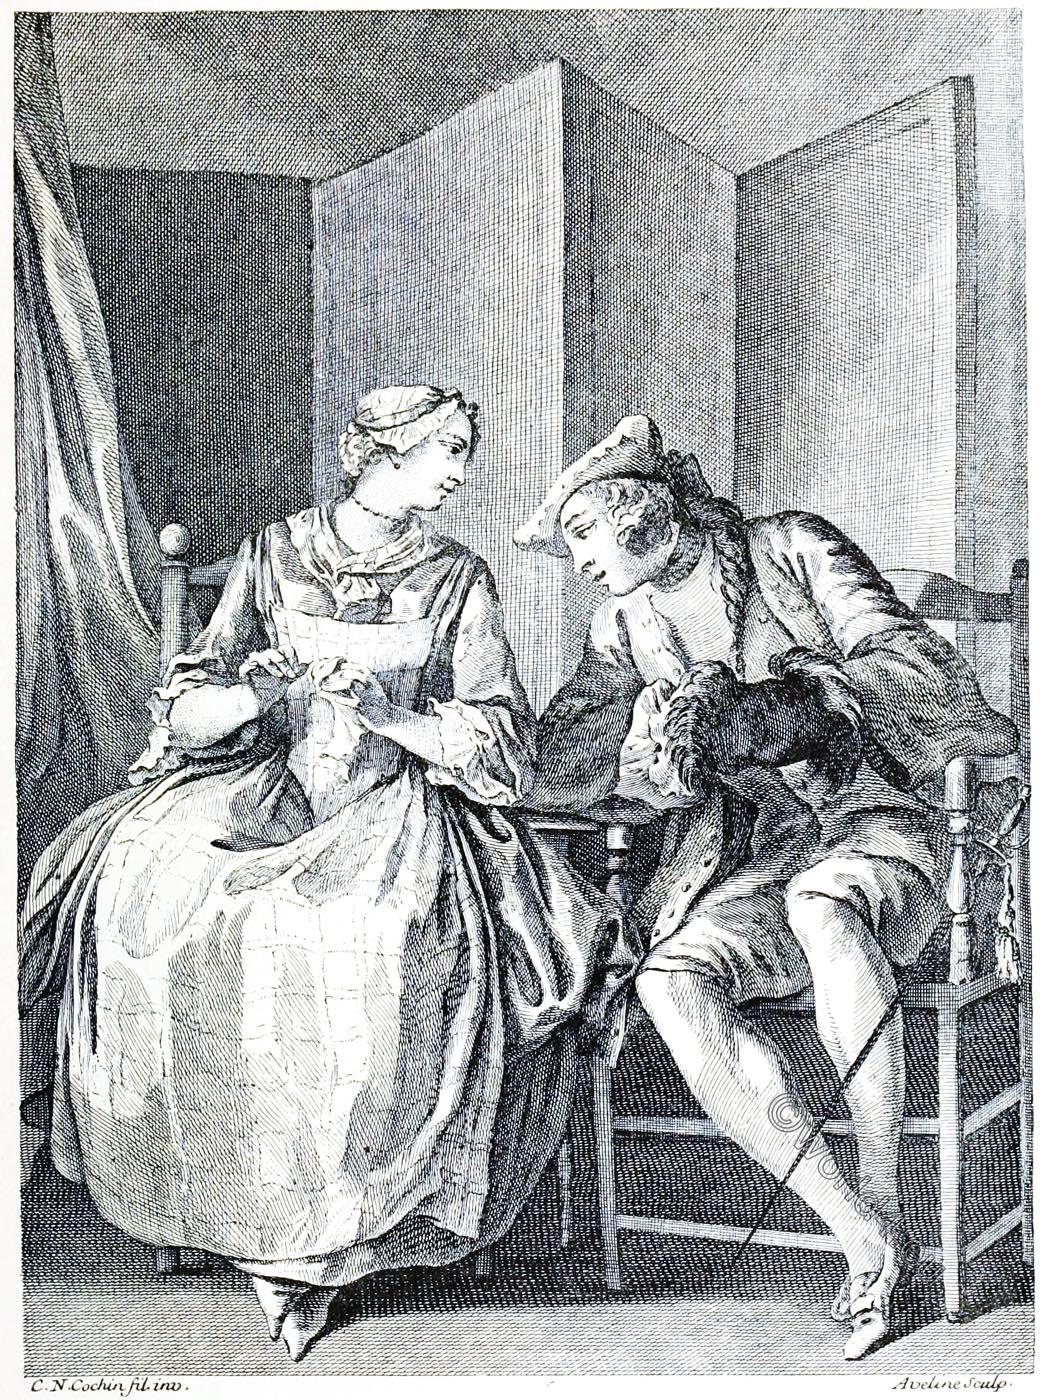 L'OUVRIÈRE, DENTELLE, Pierre Aveline, engraving, rococo